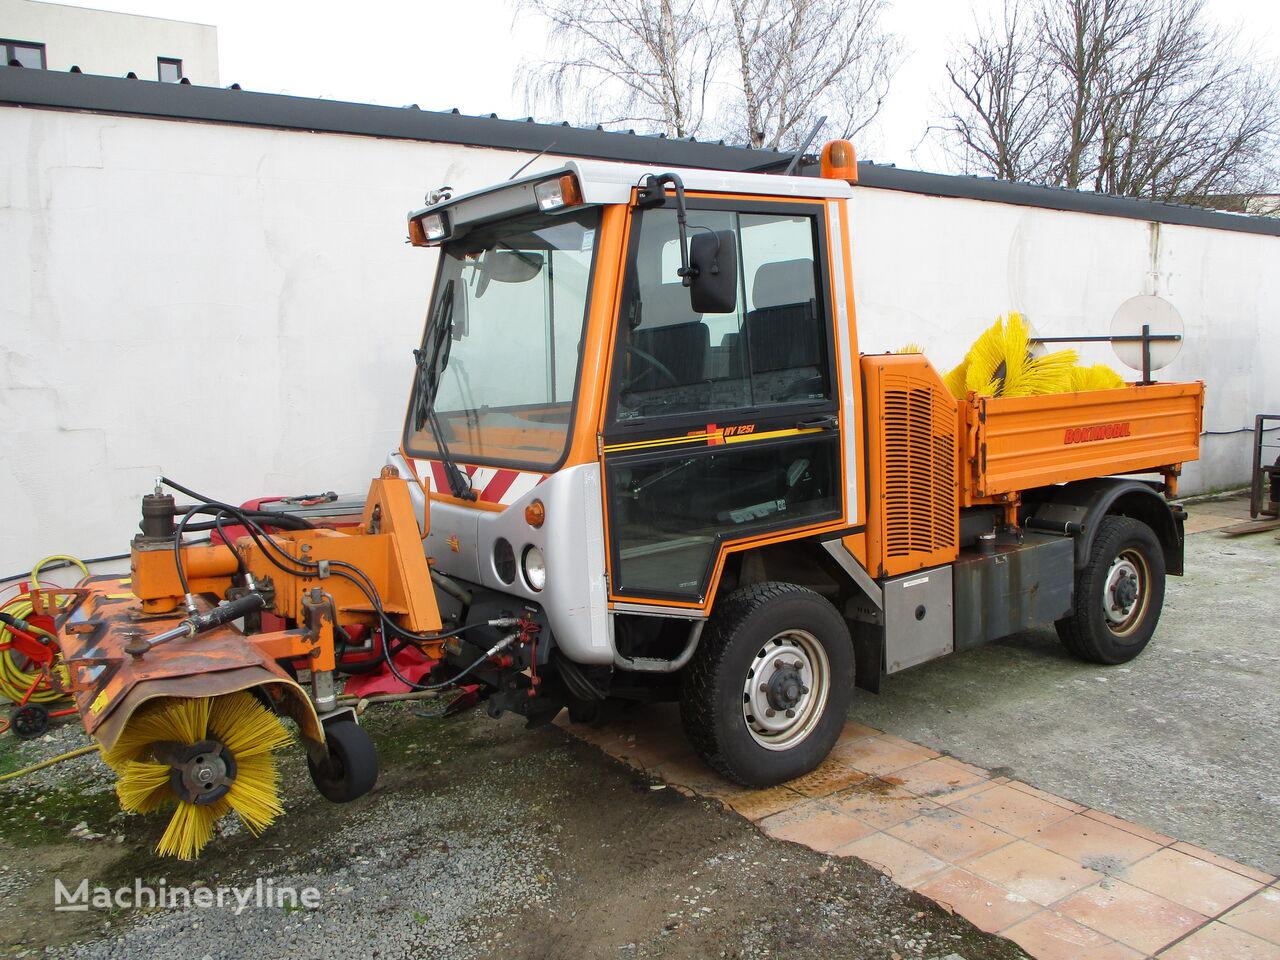 kendaraan kebersihan kota lainnya REFORM BOKIMOBIL HY 1251